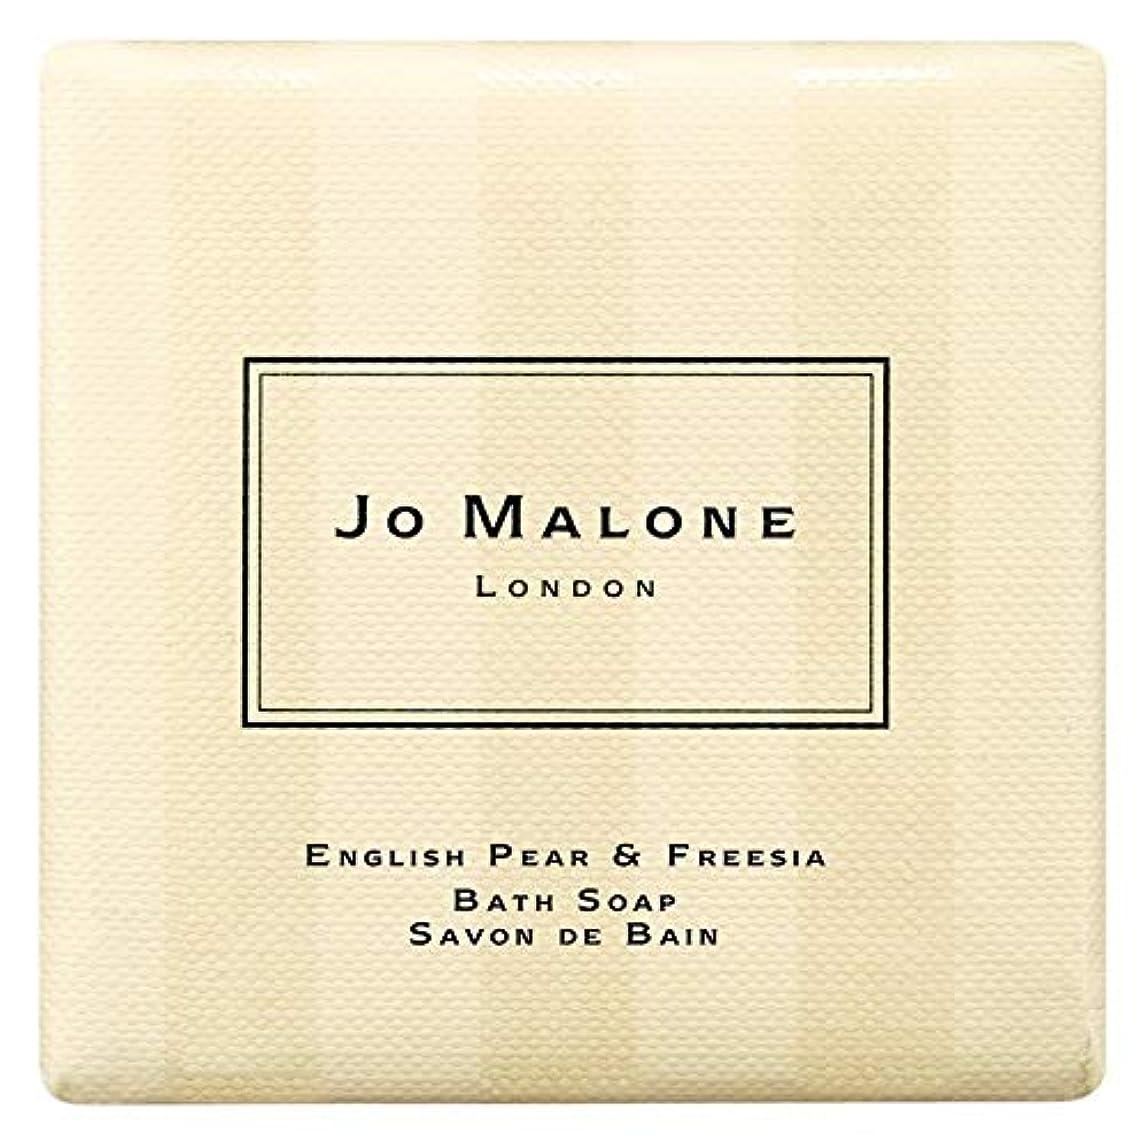 精神予感受動的[Jo Malone] ジョーマローンロンドン英語梨&フリージア入浴石鹸100グラム - Jo Malone London English Pear & Freesia Bath Soap 100g [並行輸入品]